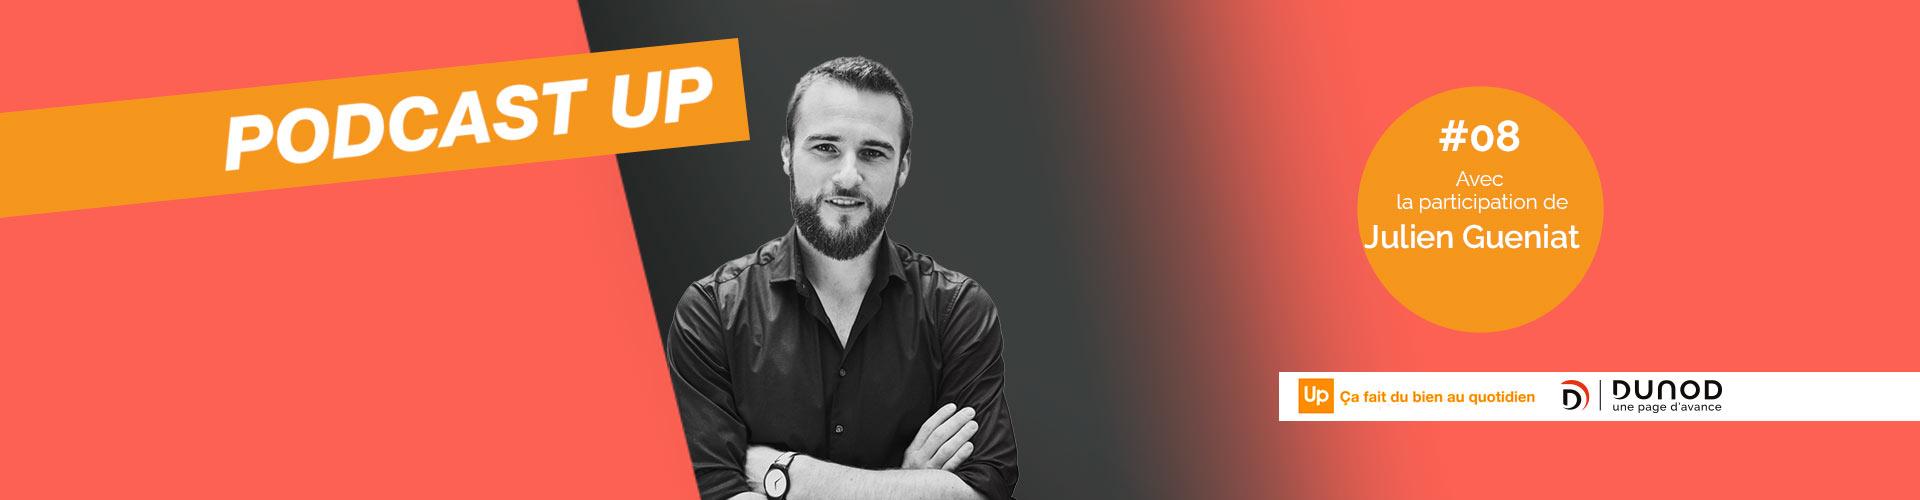 Podcast-UP : 2h chrono pour mieux s'organiser - Etre productif et serein dans un monde chaotique